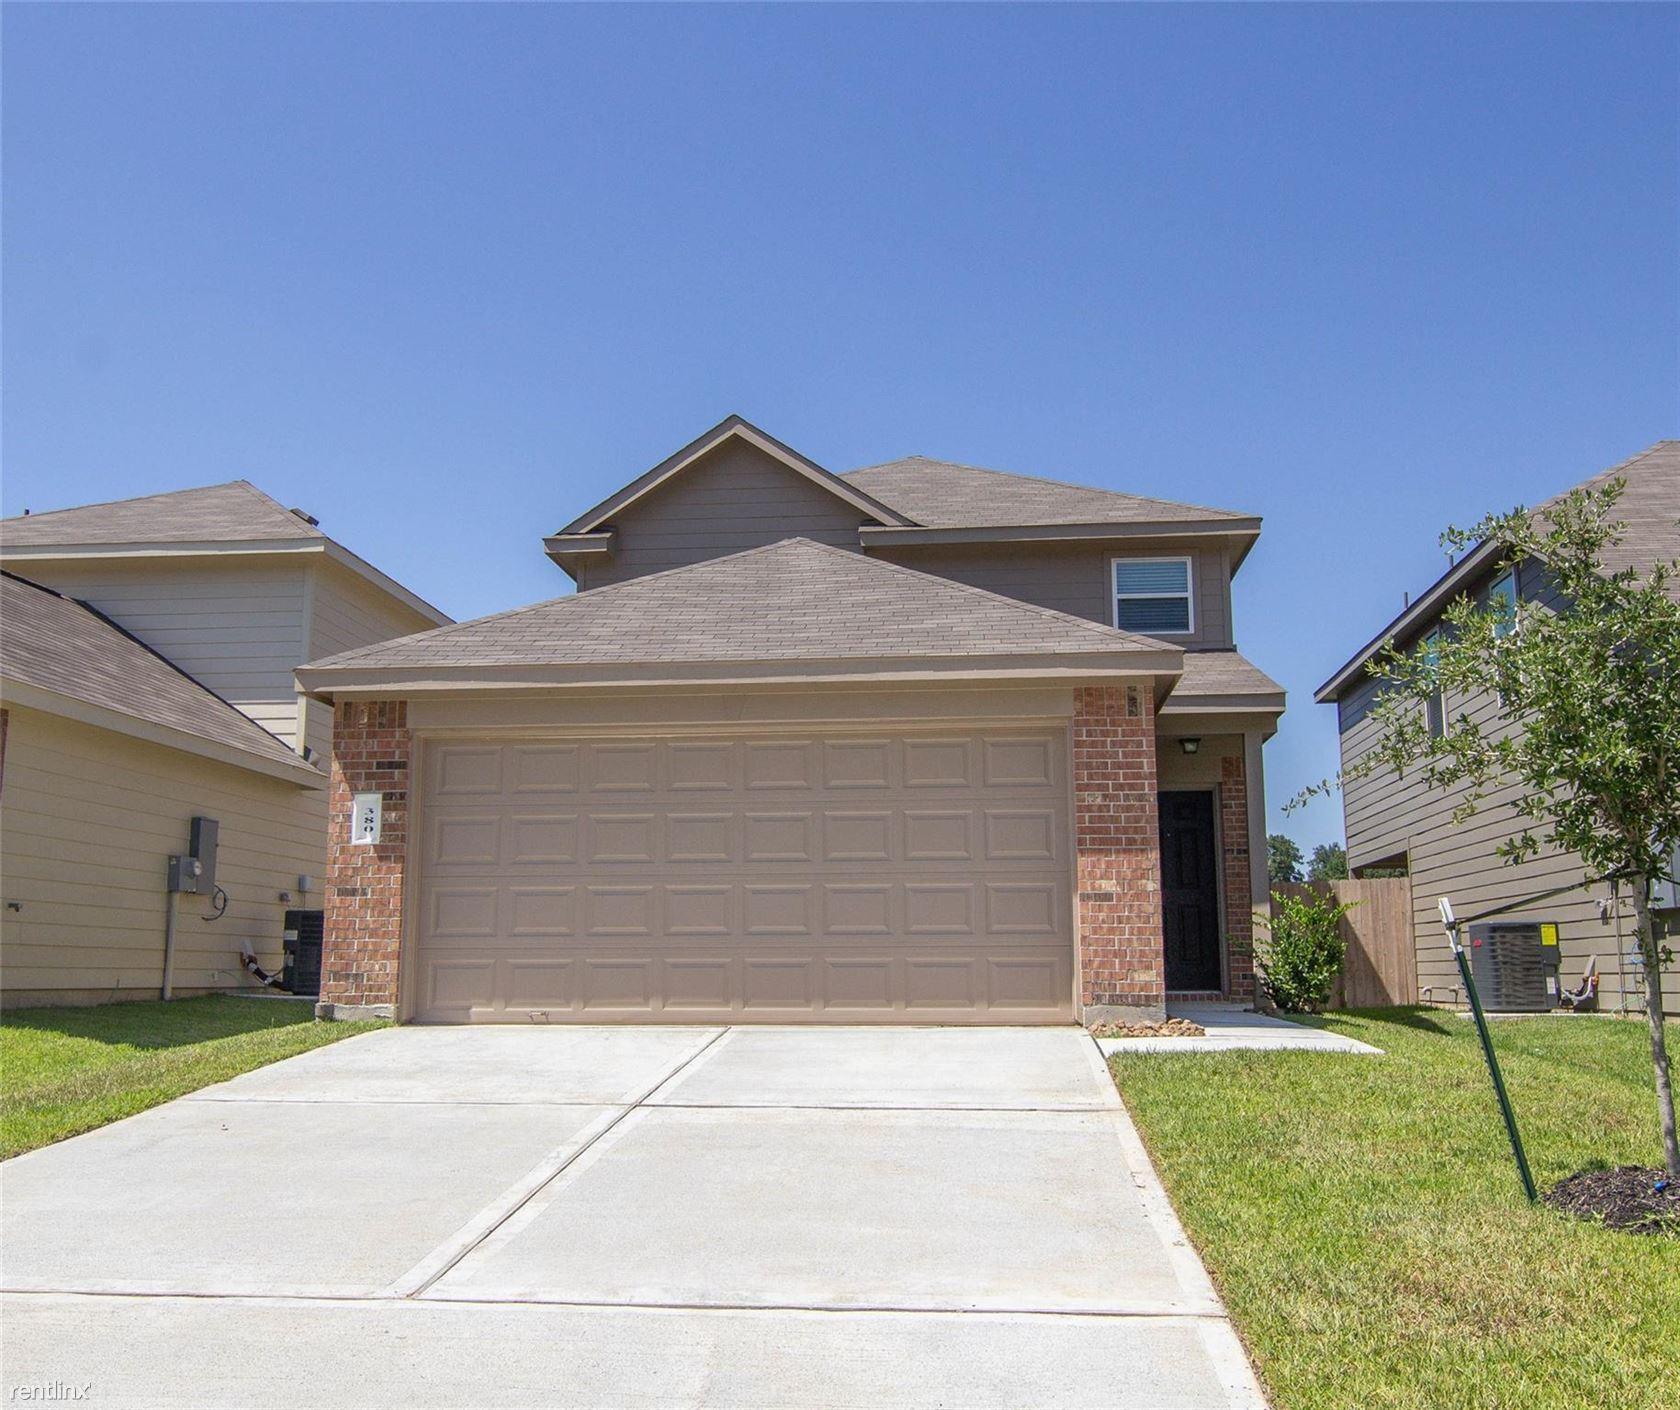 380 N Meadows Dr, Willis, TX - $1,725